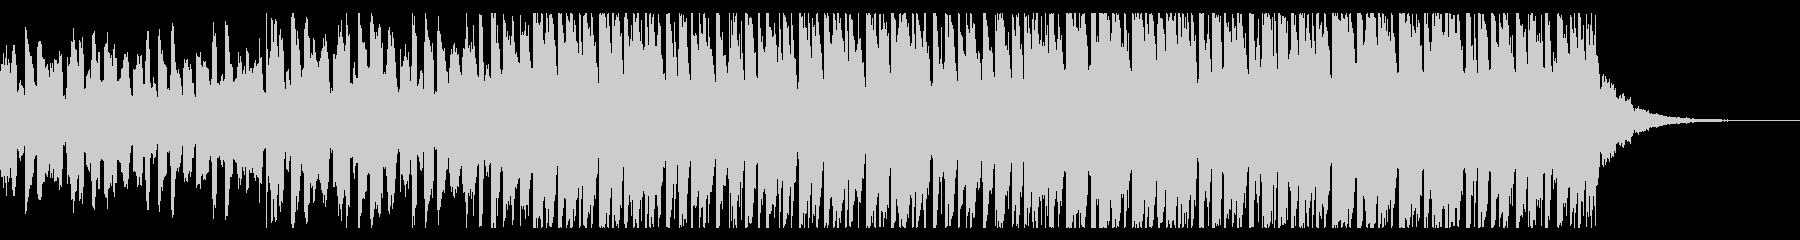 サマートロピカルポップ(60秒)の未再生の波形